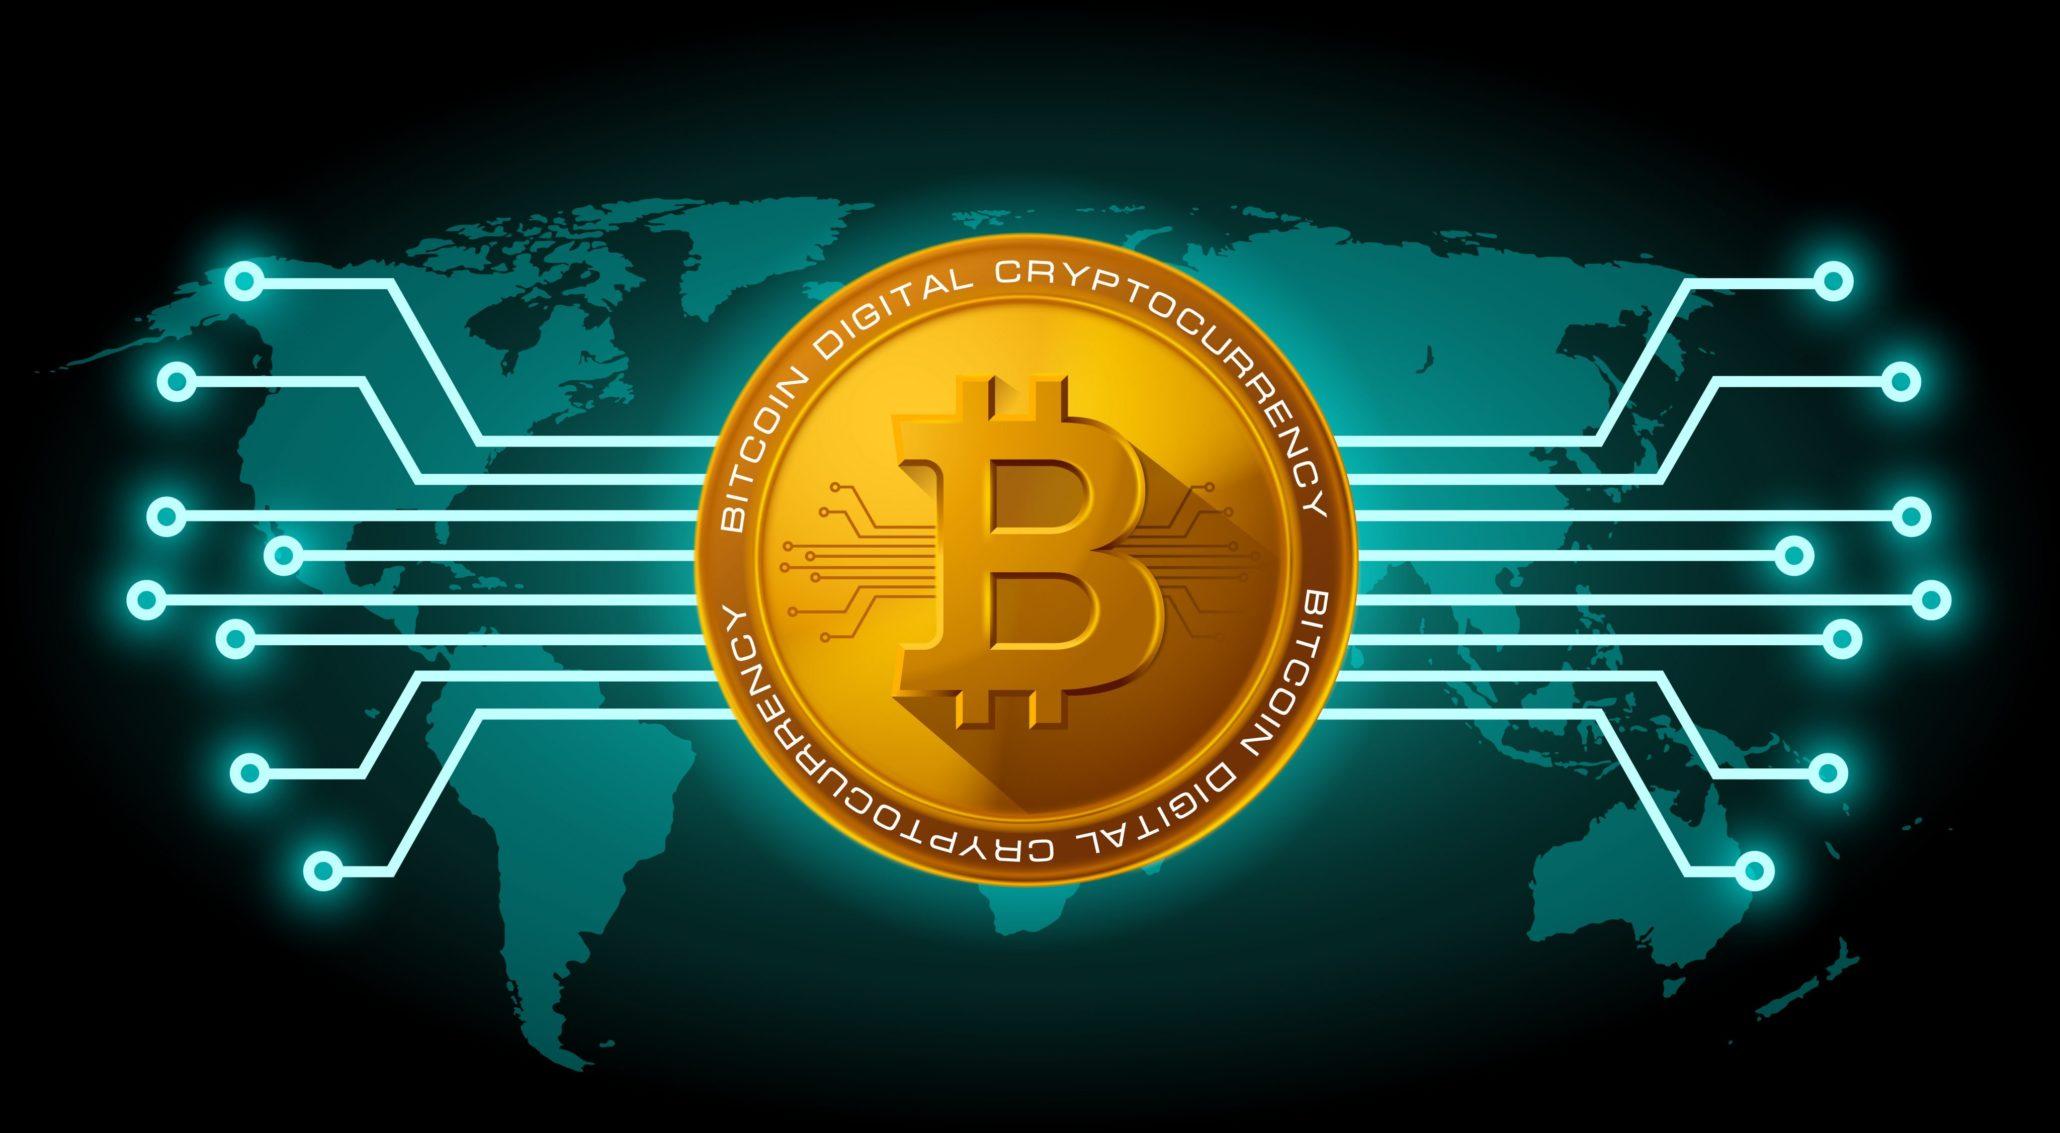 hogyan lehet kibocsátani a bitcoint